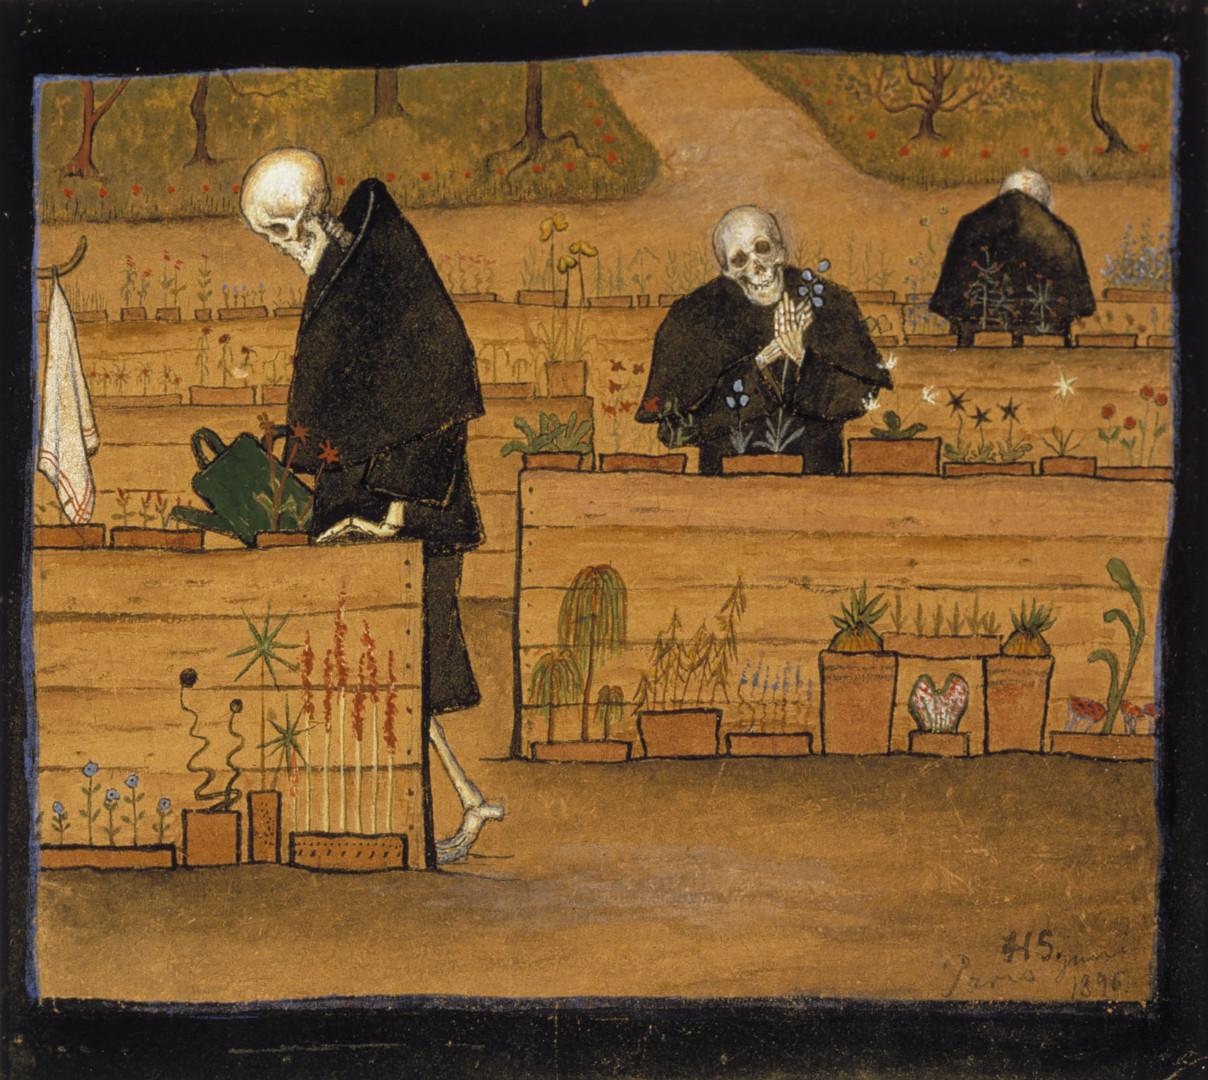 Mustaan viittaan pukeutuneet luurankohahmot hoitavat puutarhaa. Guassi.